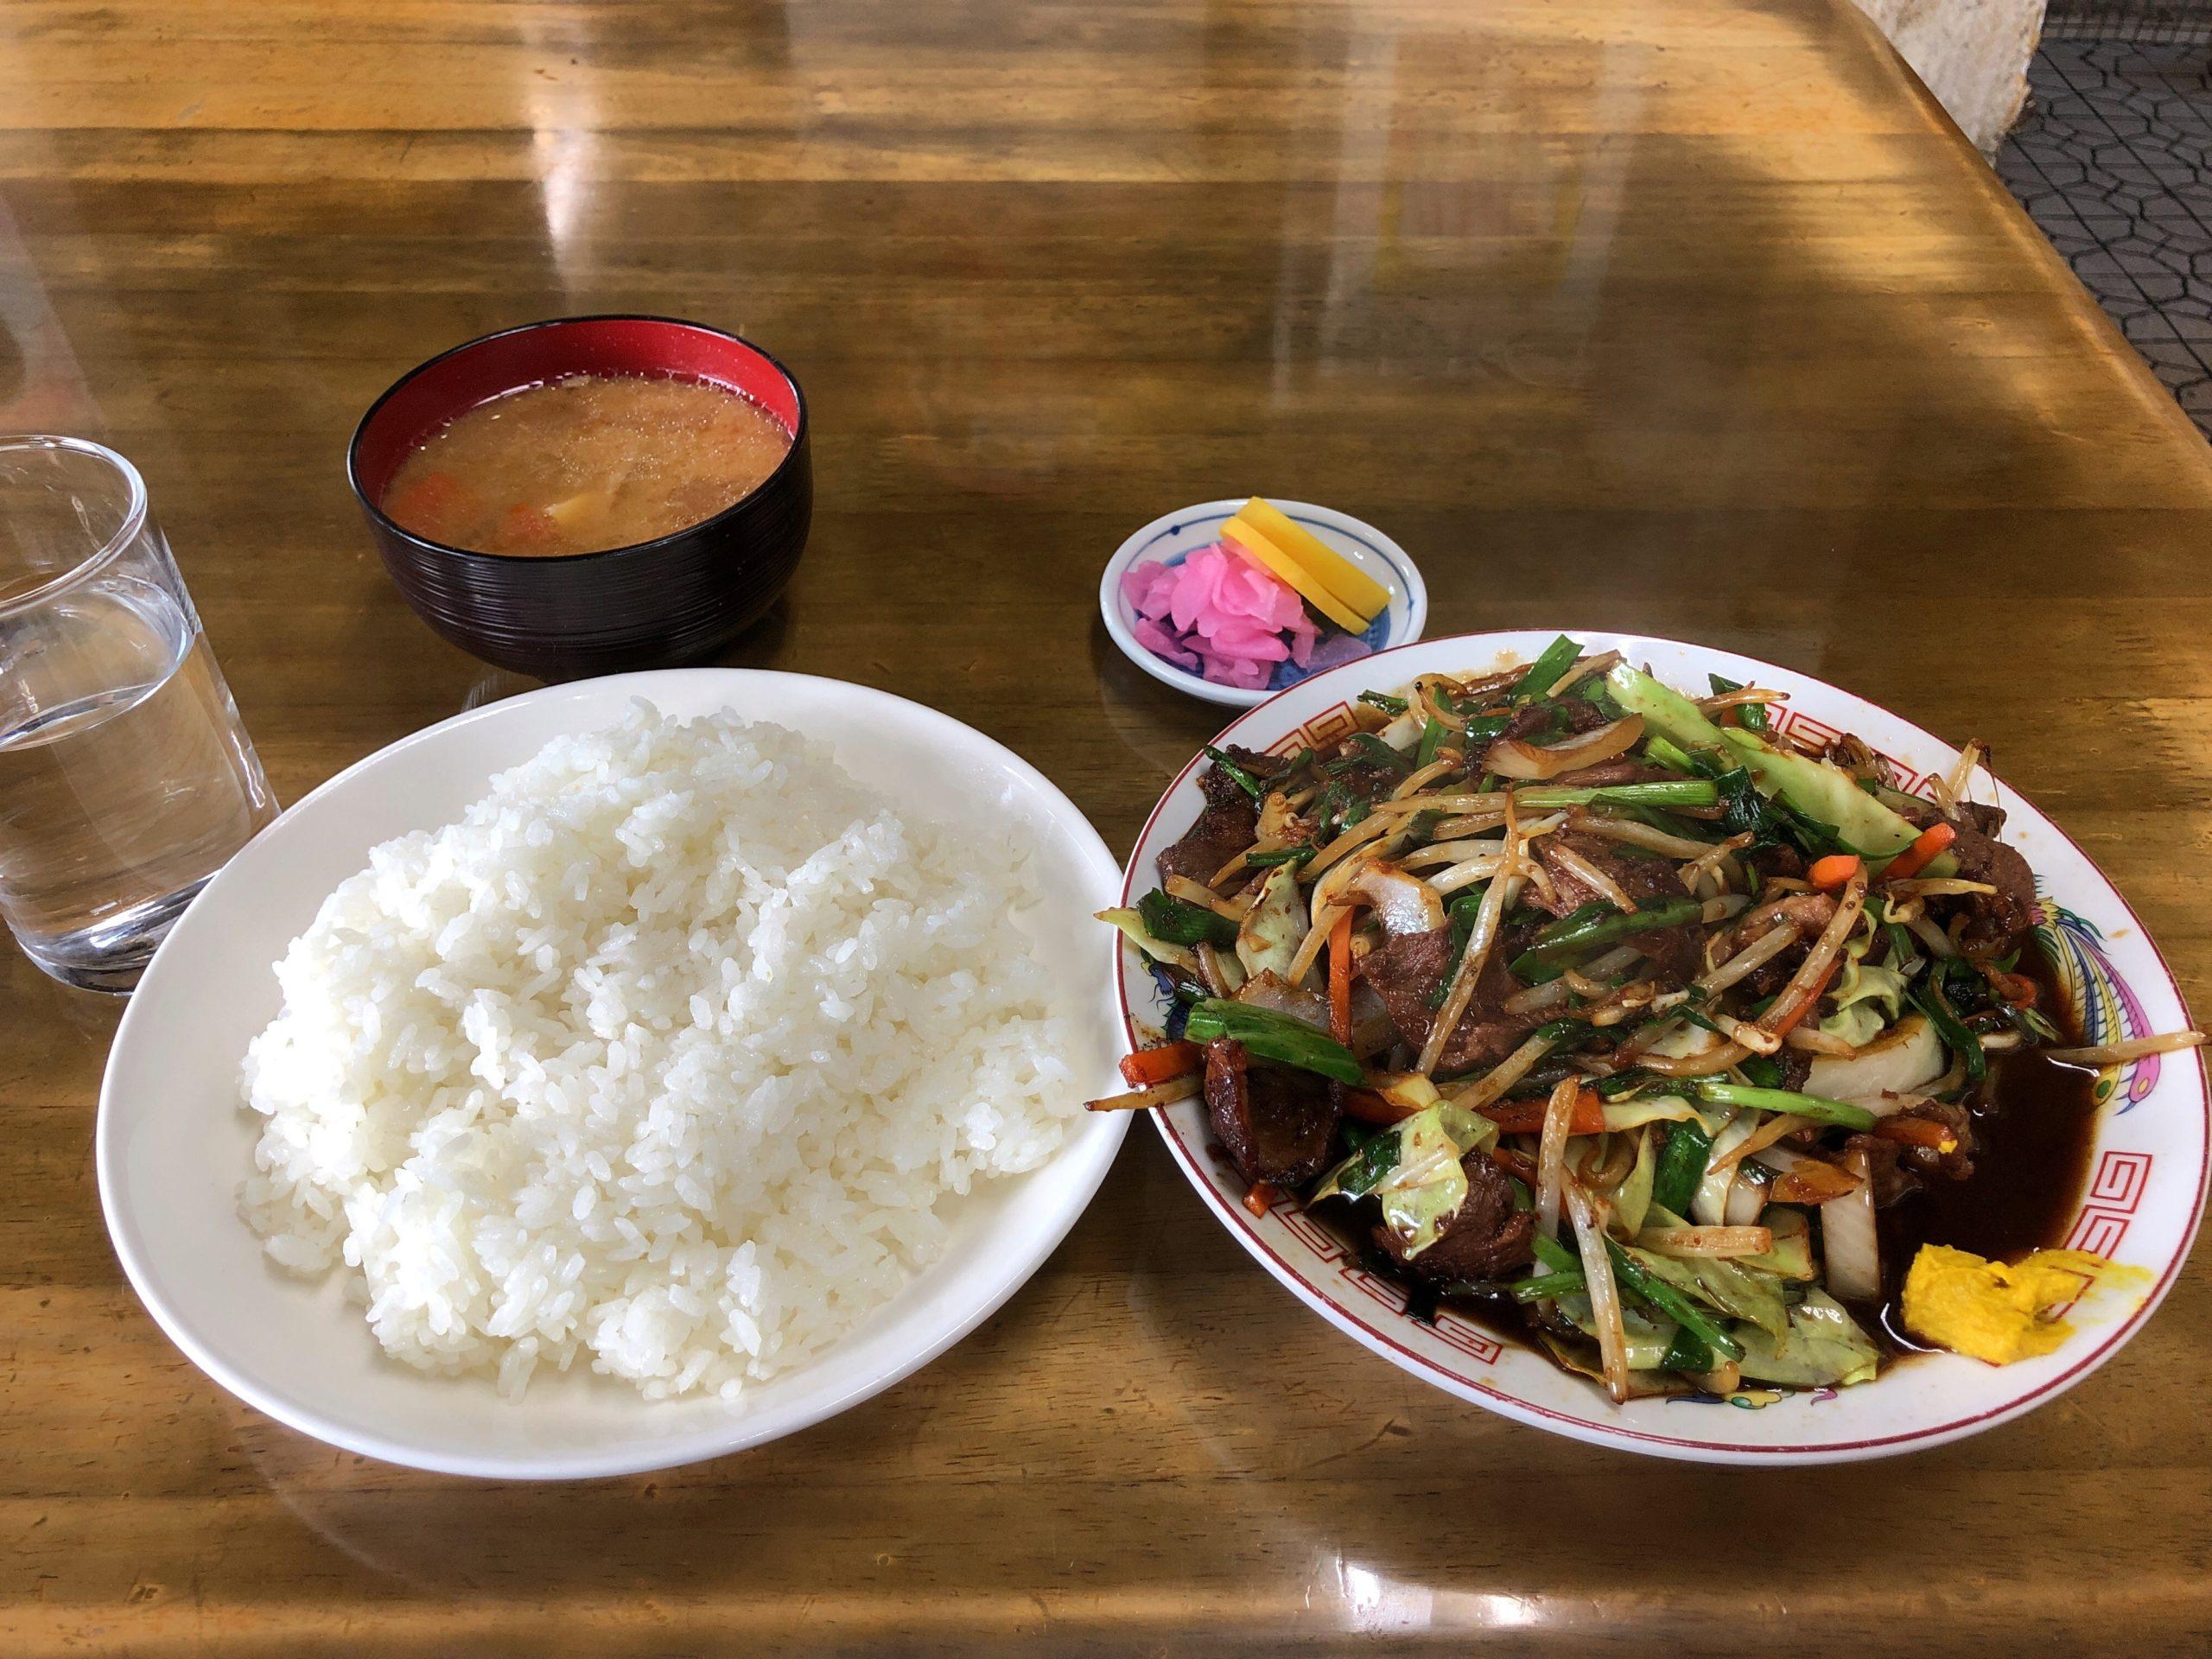 鹿沼インターから車で2分、デカ盛りメニューで有名な「さつき食堂」に初訪問、特盛ジンギスカン野菜炒めの驚愕な盛りにお腹一杯